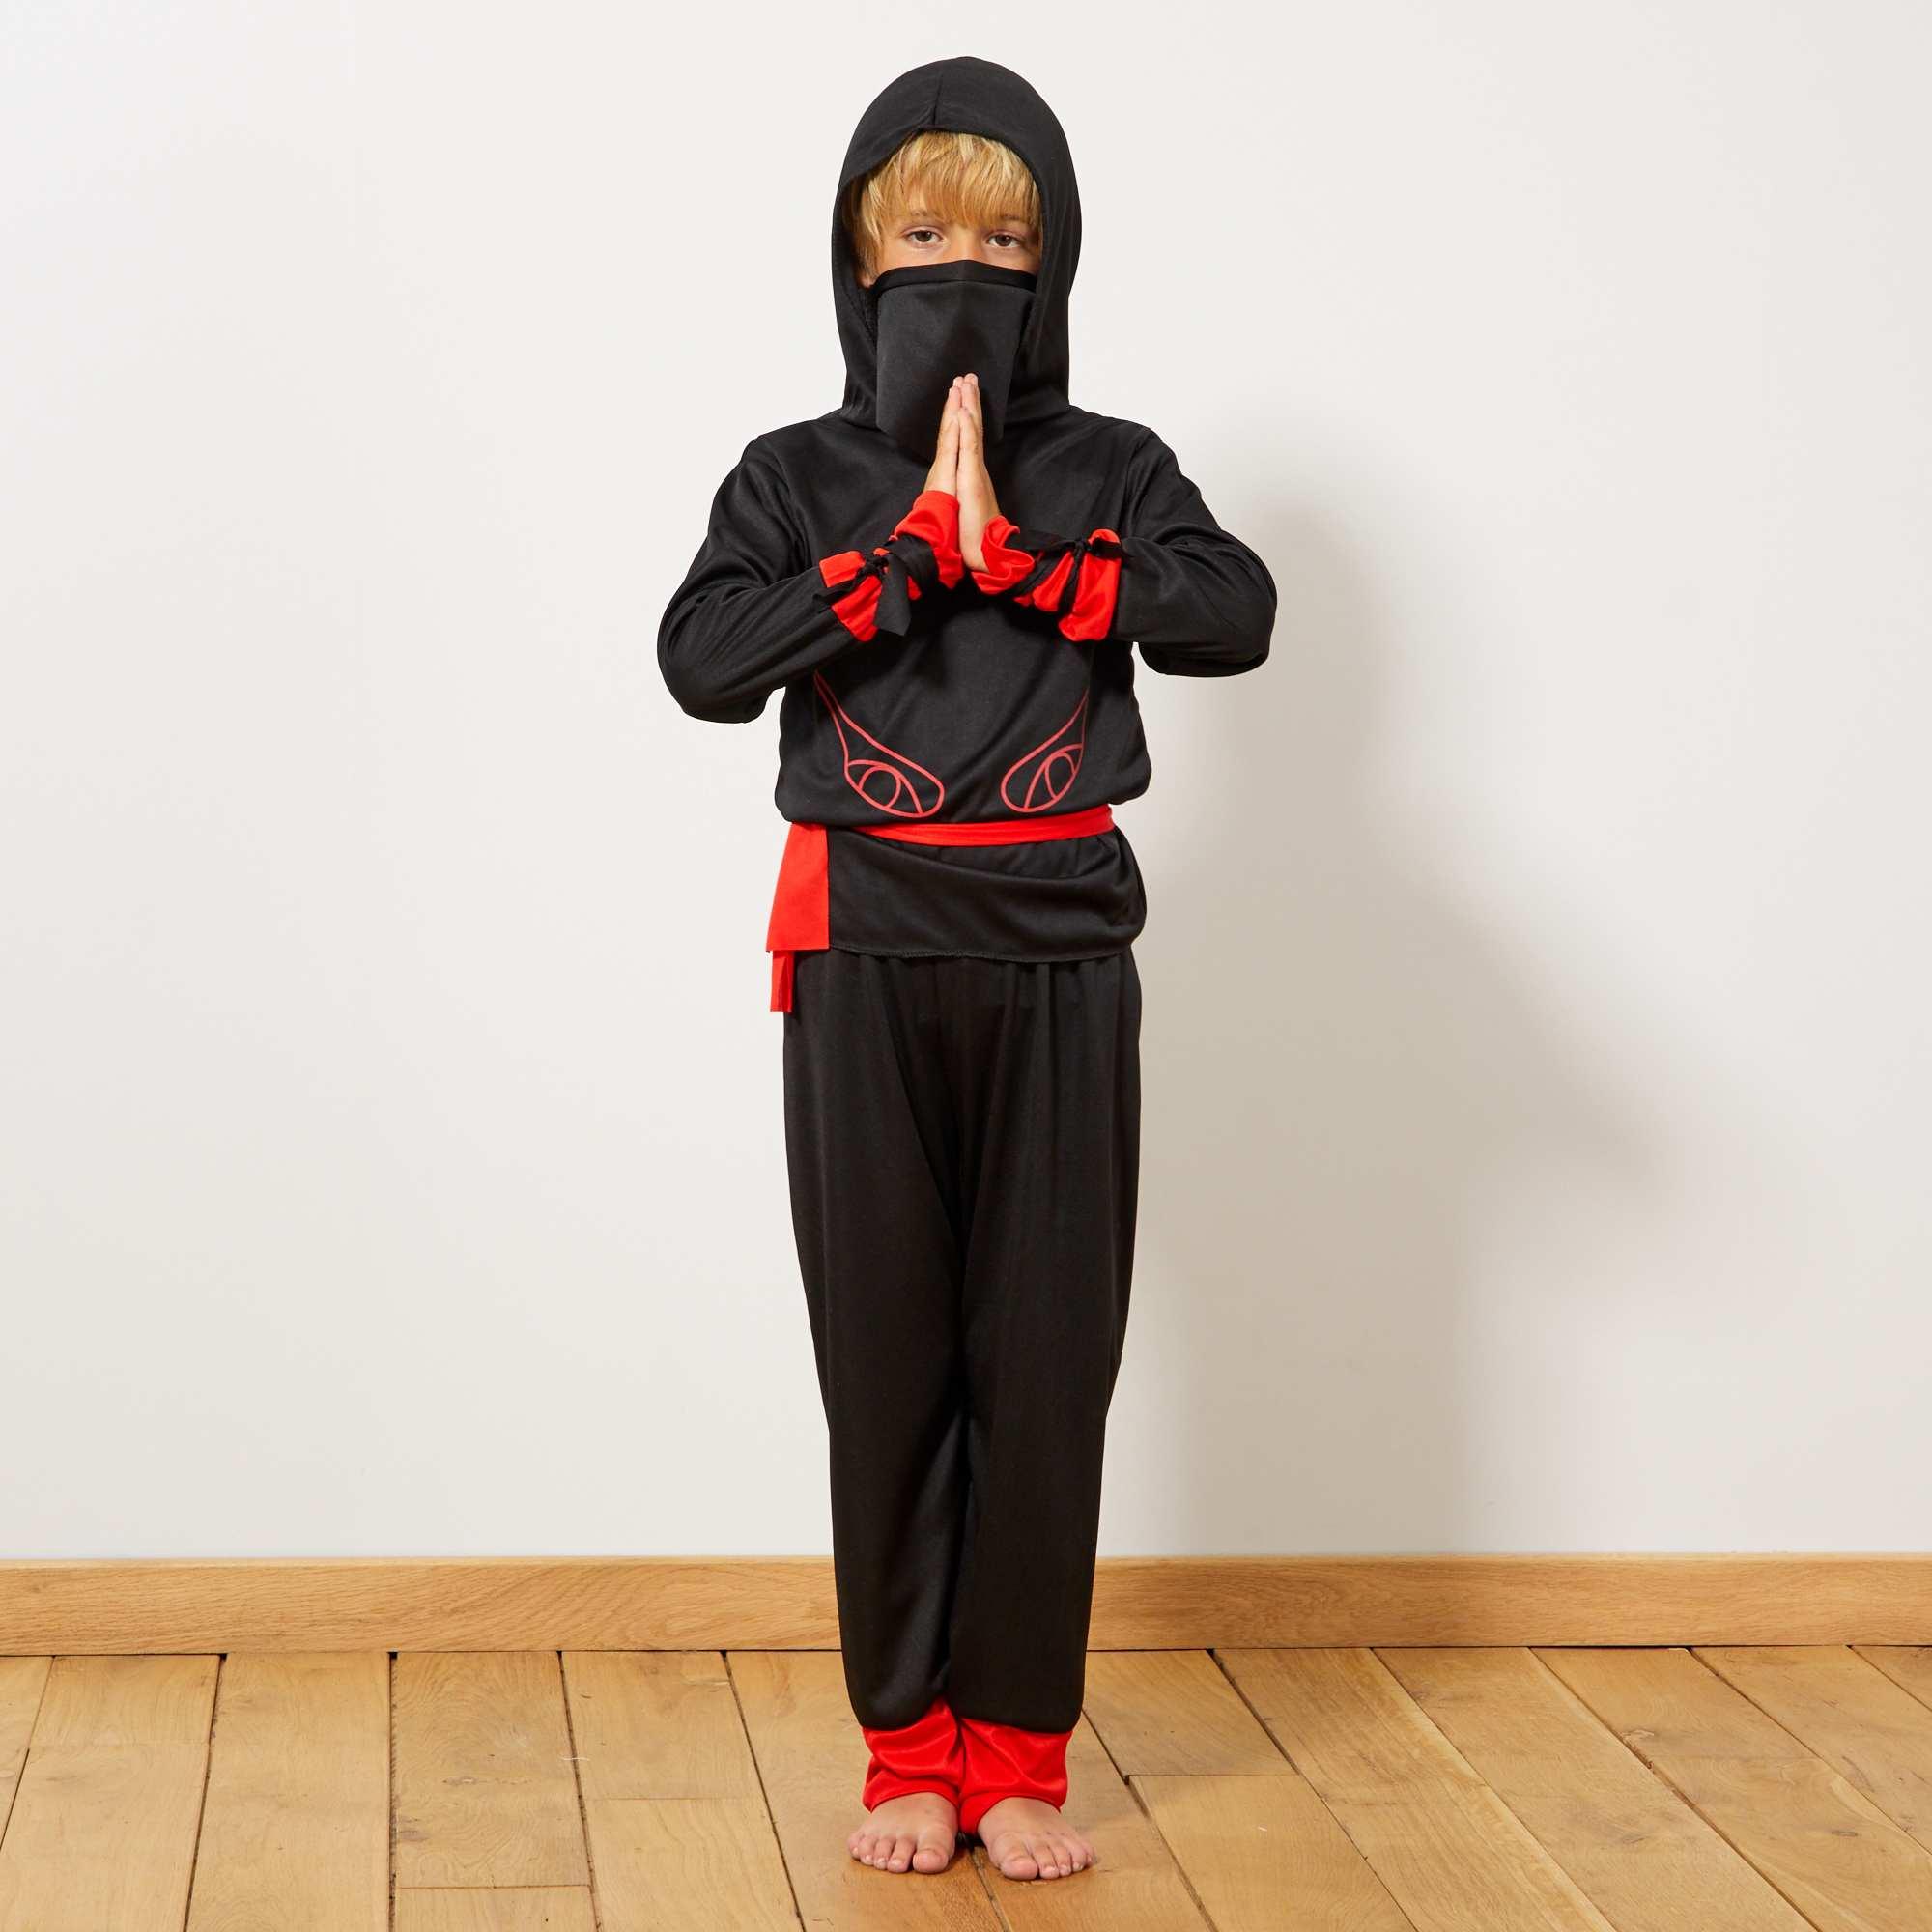 Couleur : noir/rouge, , ,, - Taille : 10/12A, 5/6A, 7/8A,,Les arts martiaux font rêver votre petit alors offrez-lui ce déguisement de guerrier